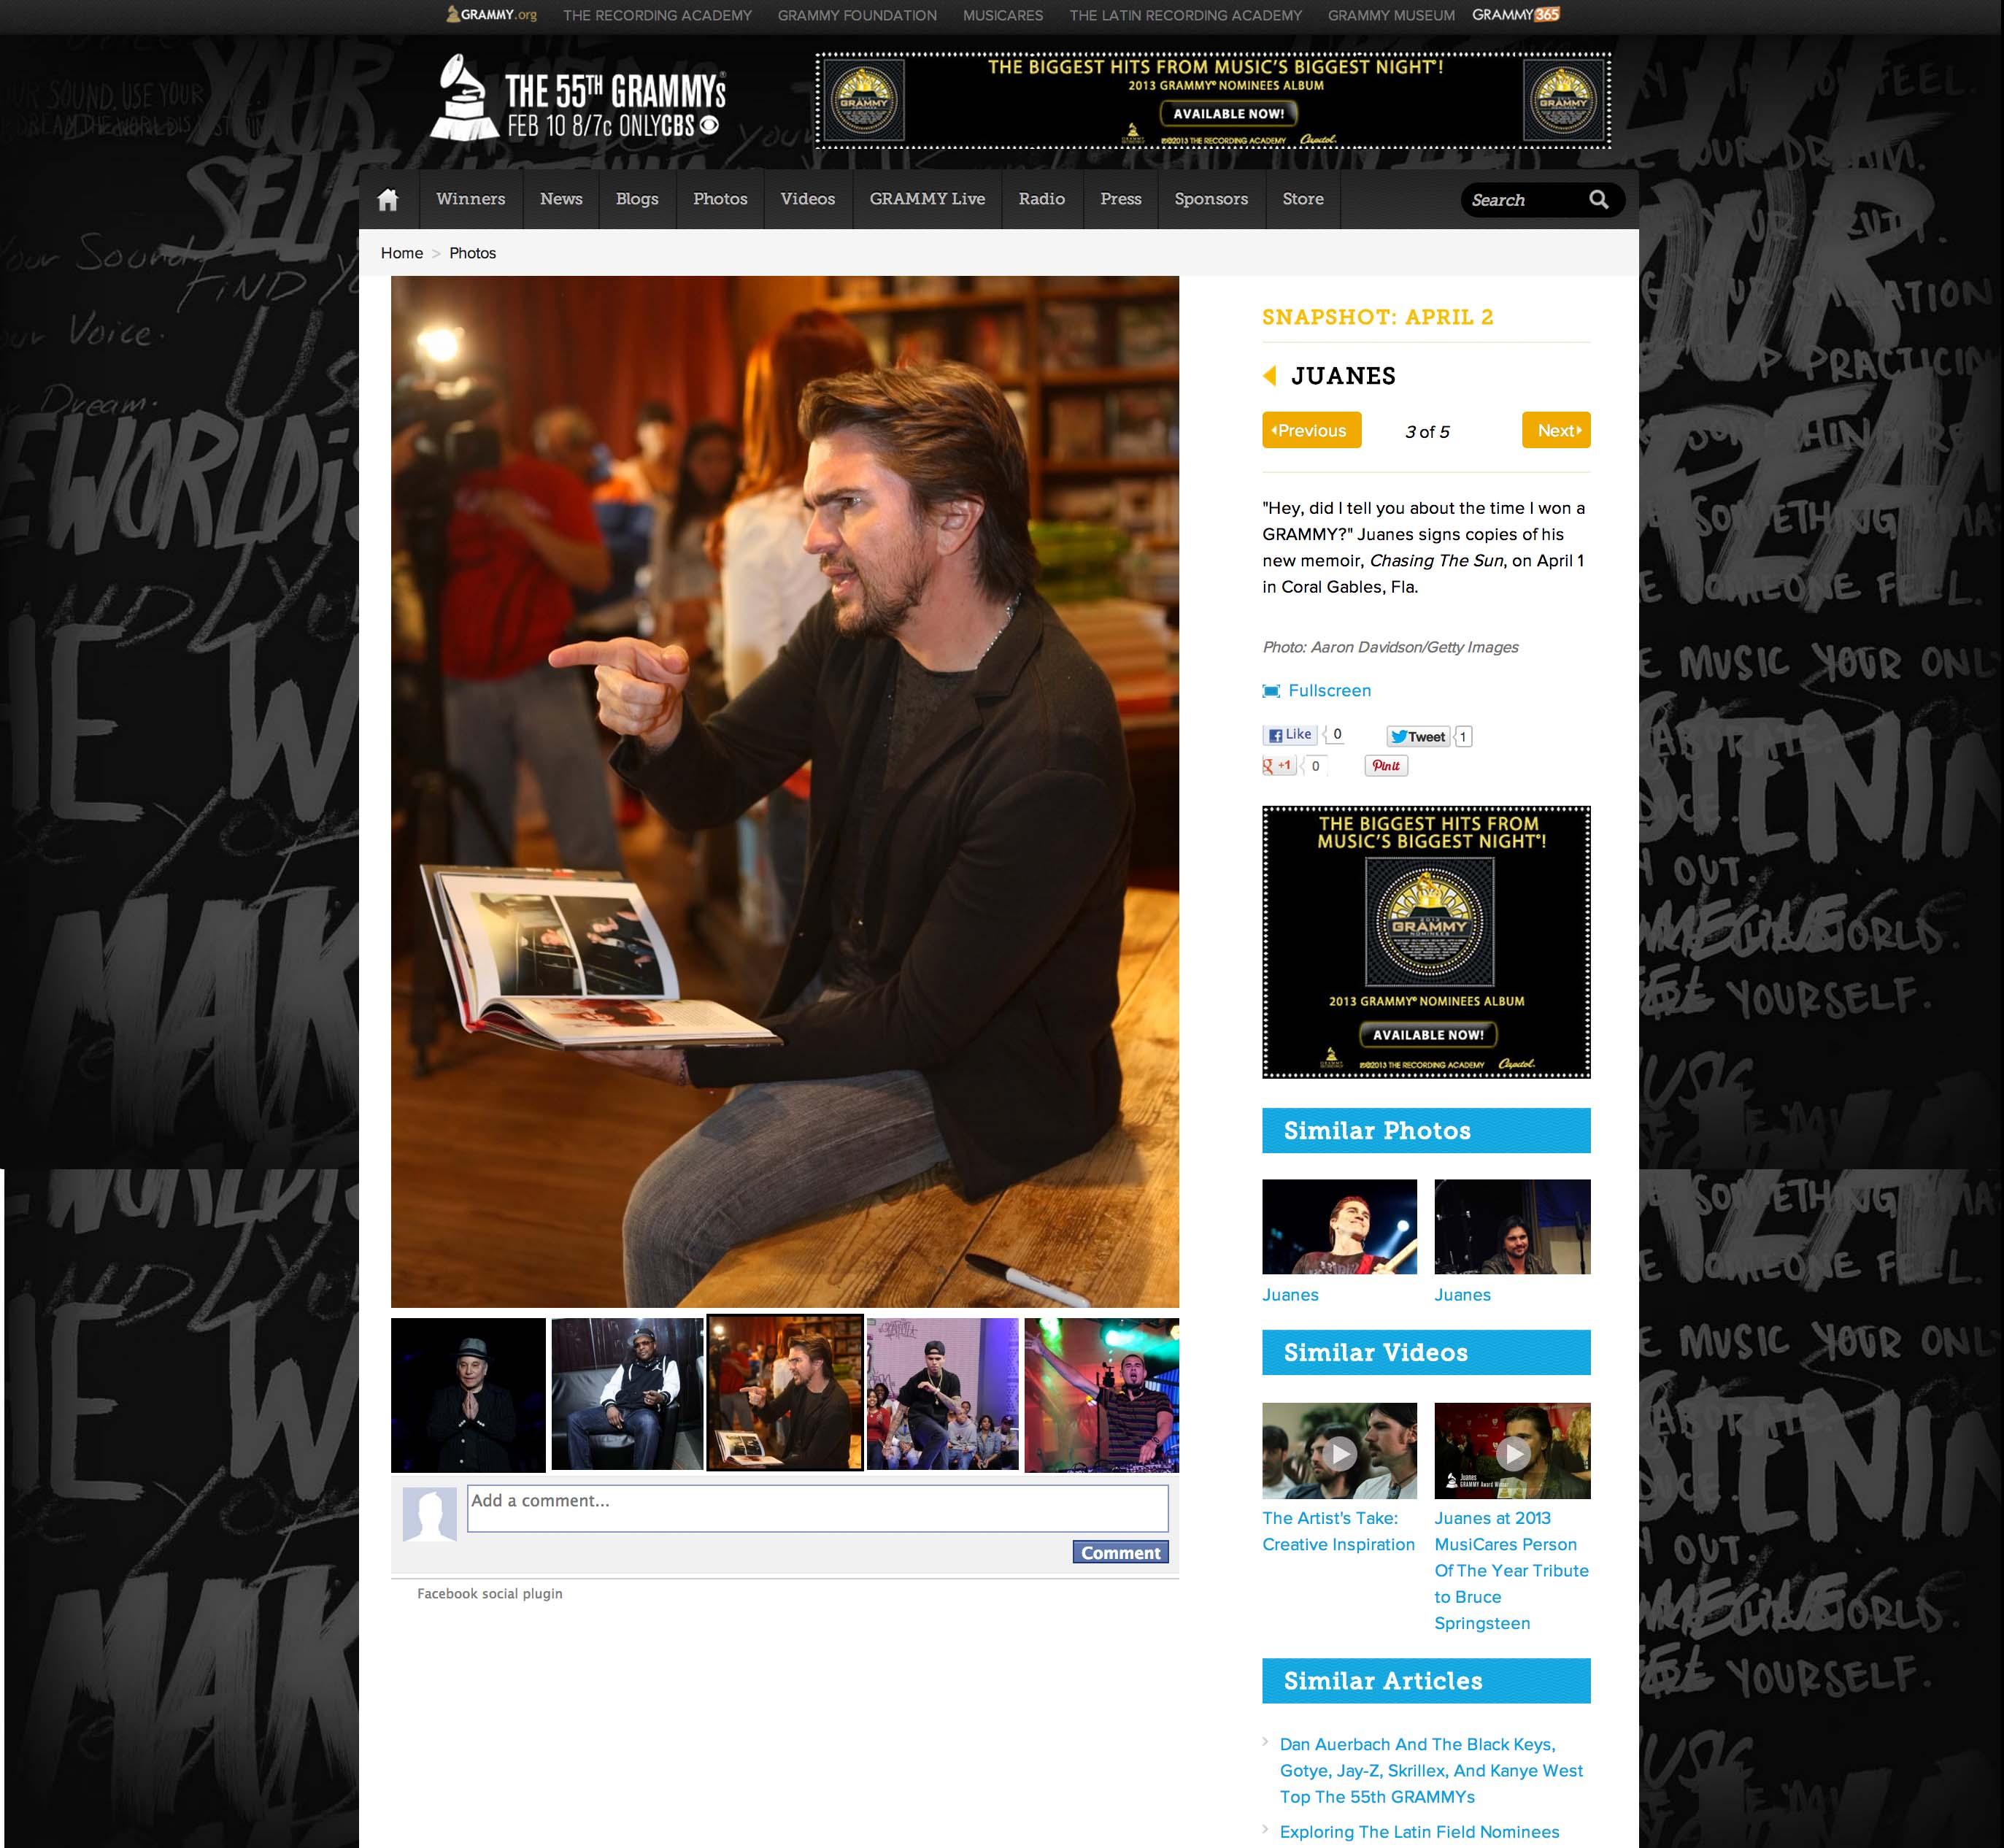 JUANES Grammy.com